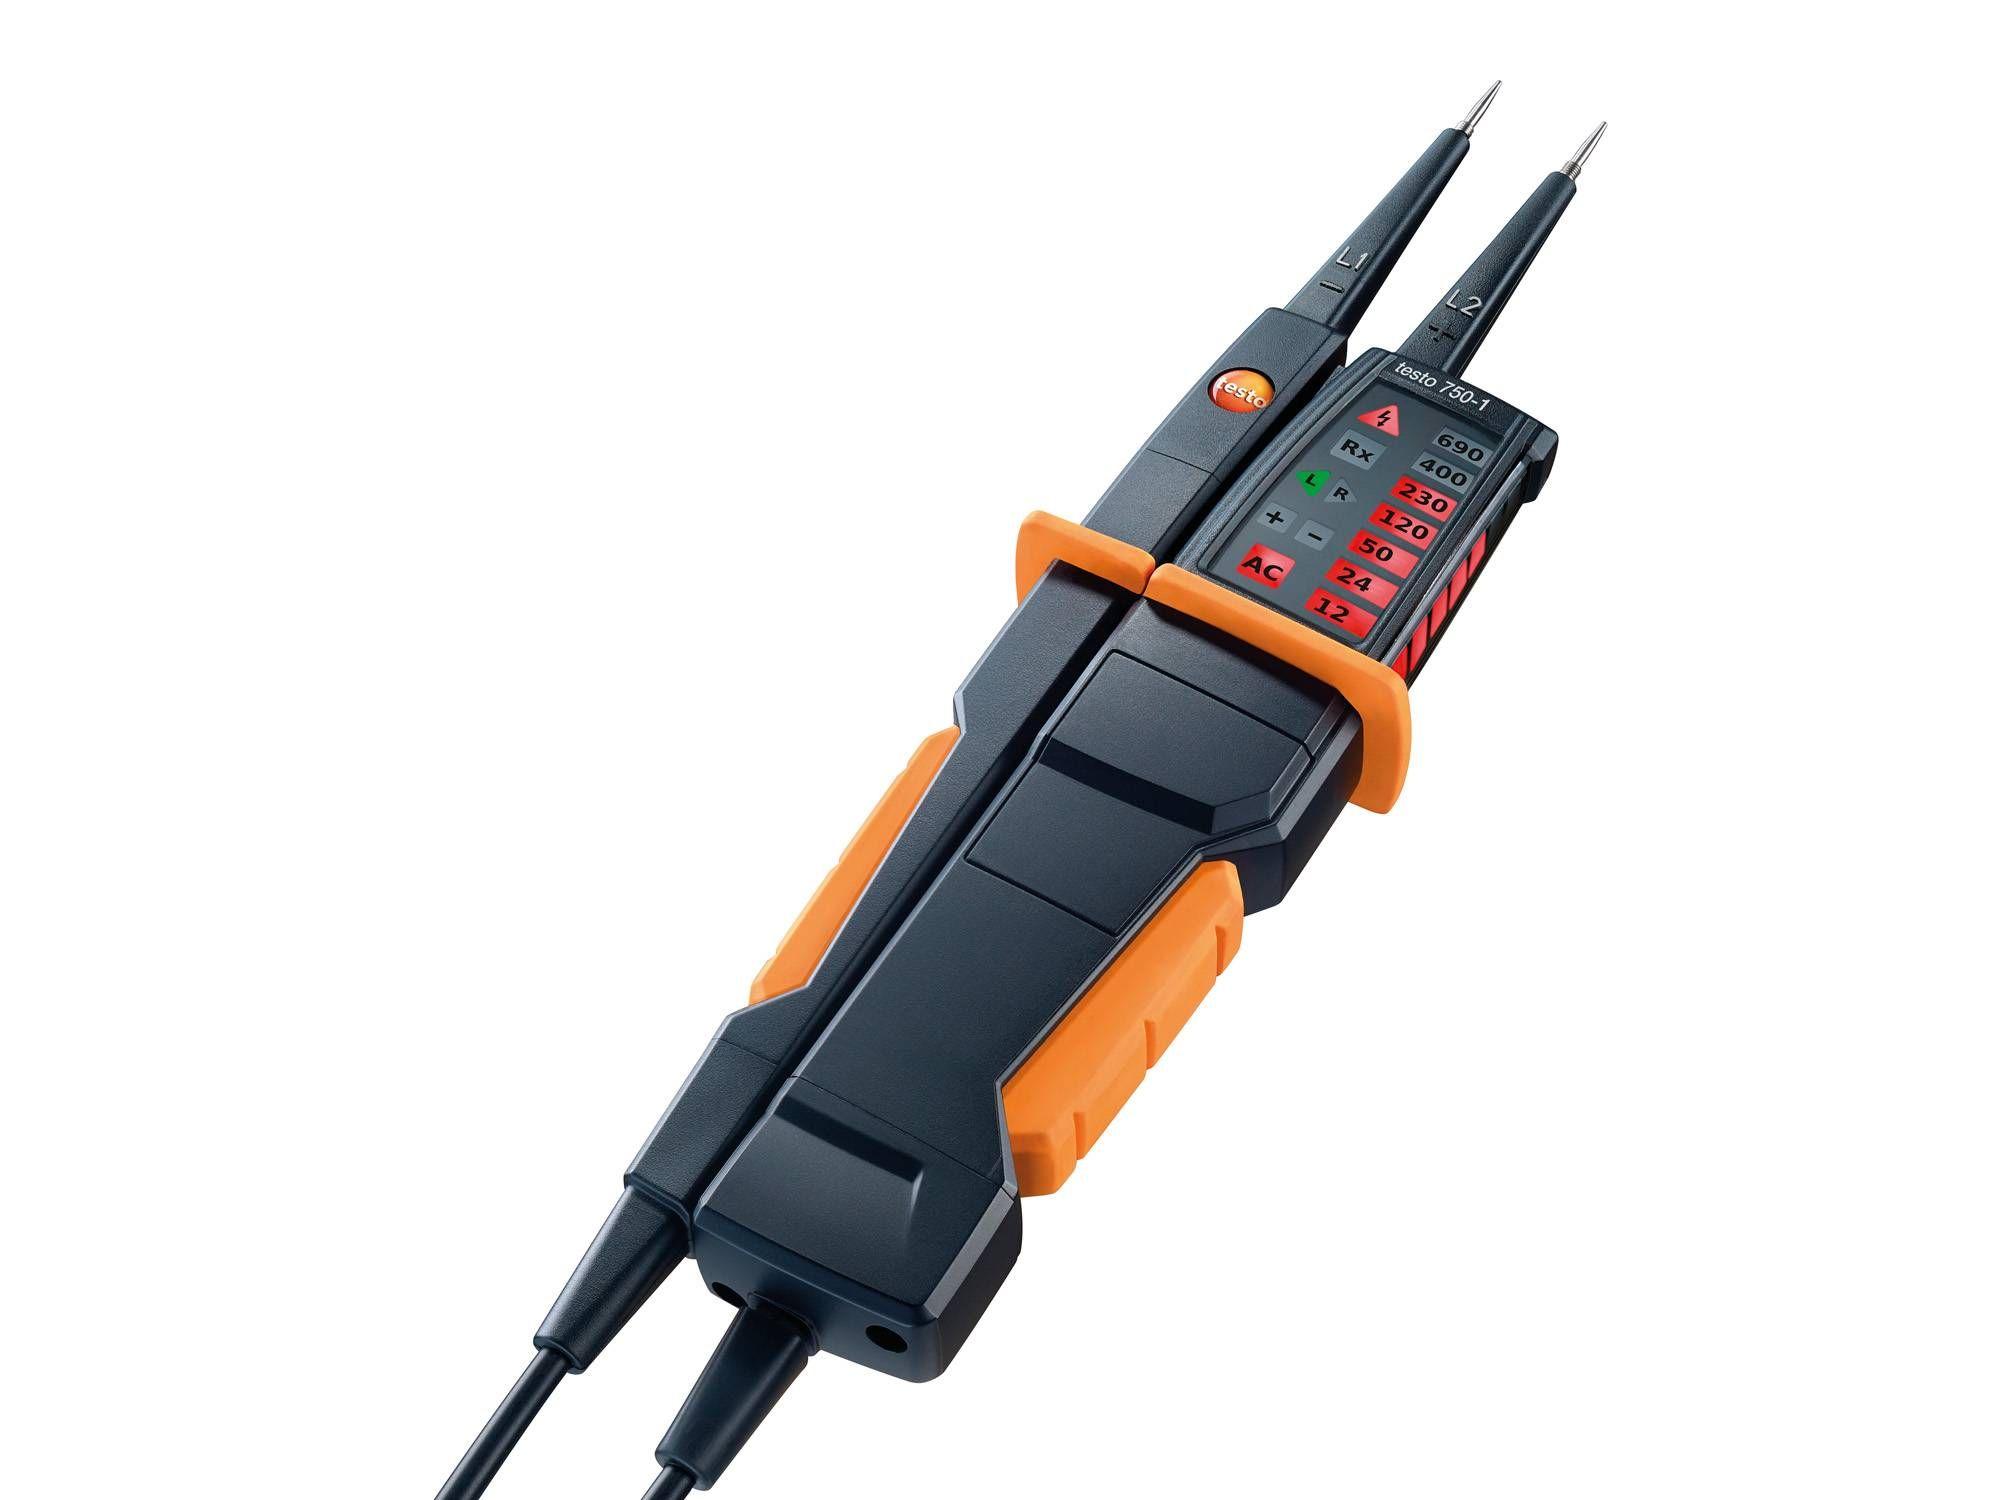 Gerilim test cihazı testo 750-1